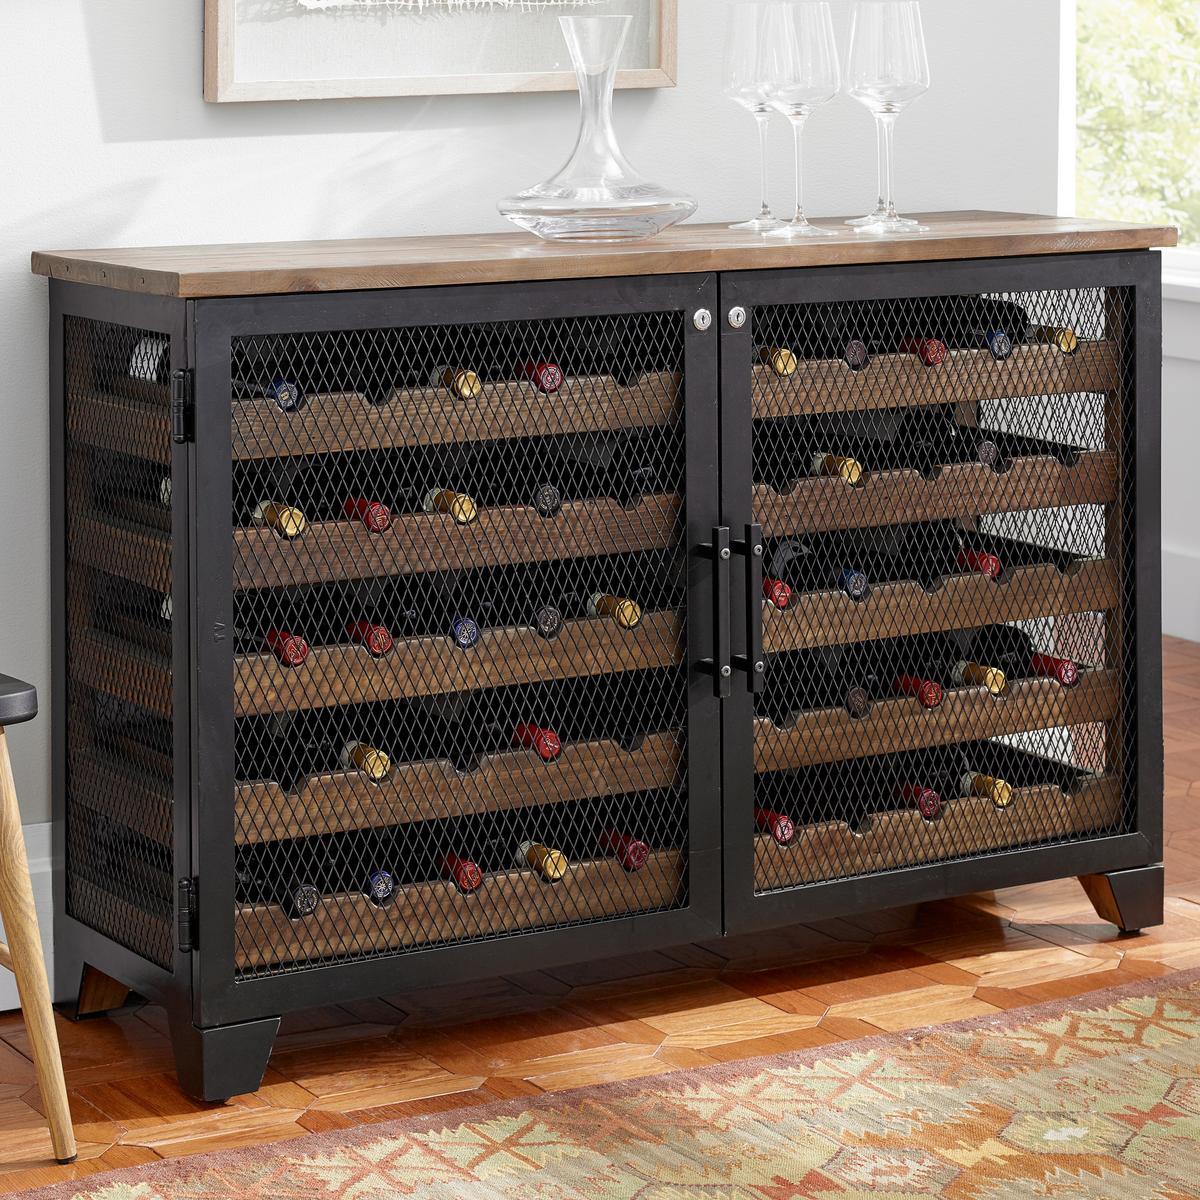 Living Room Wine Cabinet, Wine Rack Ideas Living Room